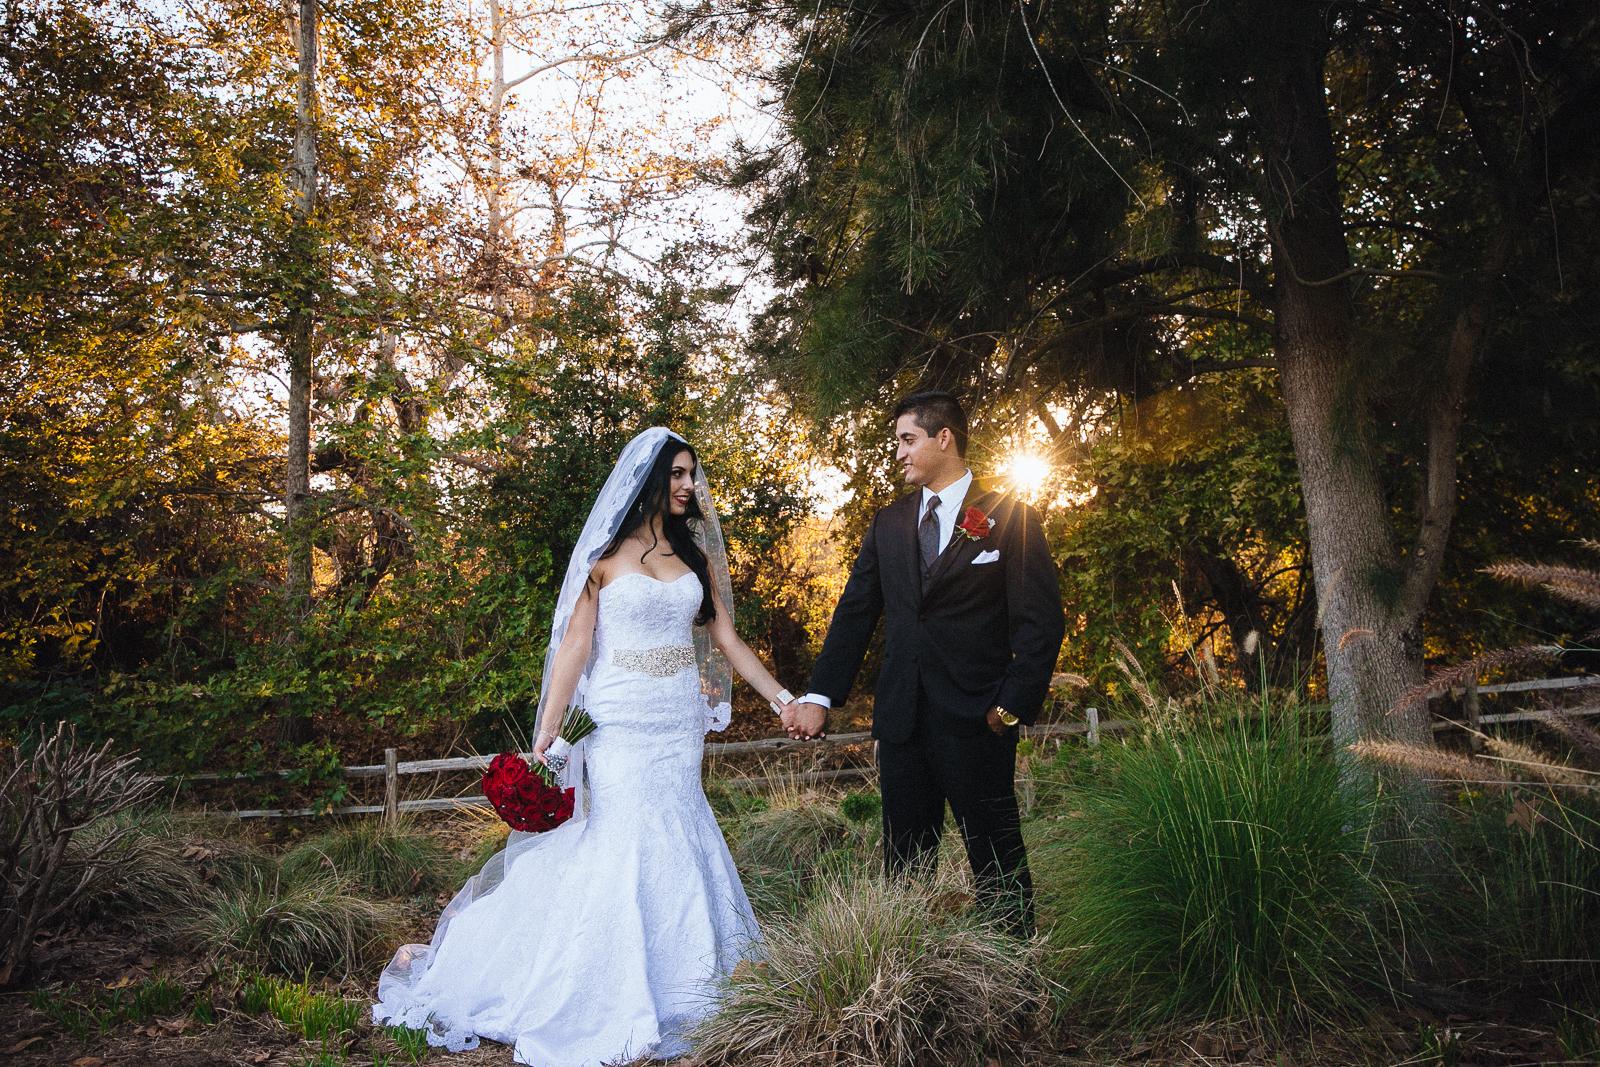 STACIE_&_JESUS_WEDDING_WEDGEWOOD_FALLBROOK_2015_2015_IMG_4728.JPG